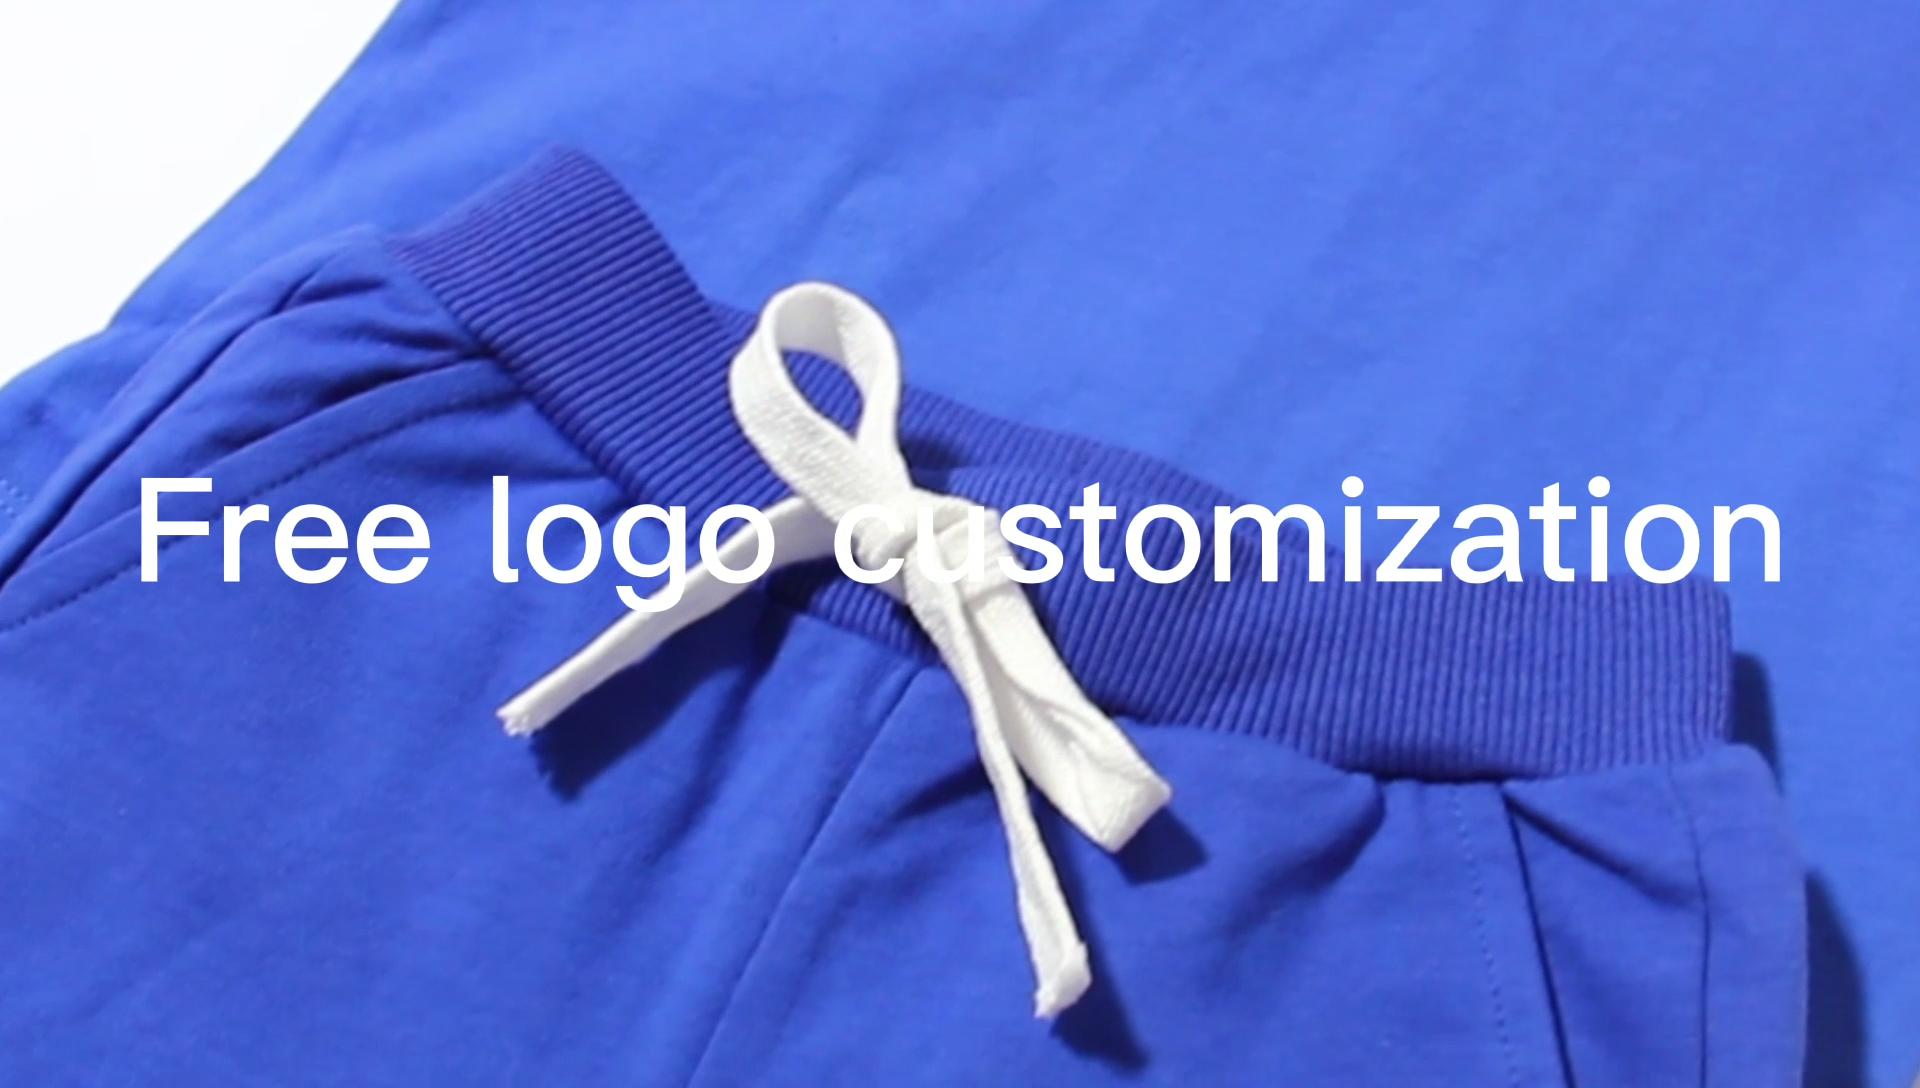 Bilgisayar baskı nakış logo etiketi özelleştirme çocuk giyim seti çocuklar katı renk pamuk örme T-shirt seti özel